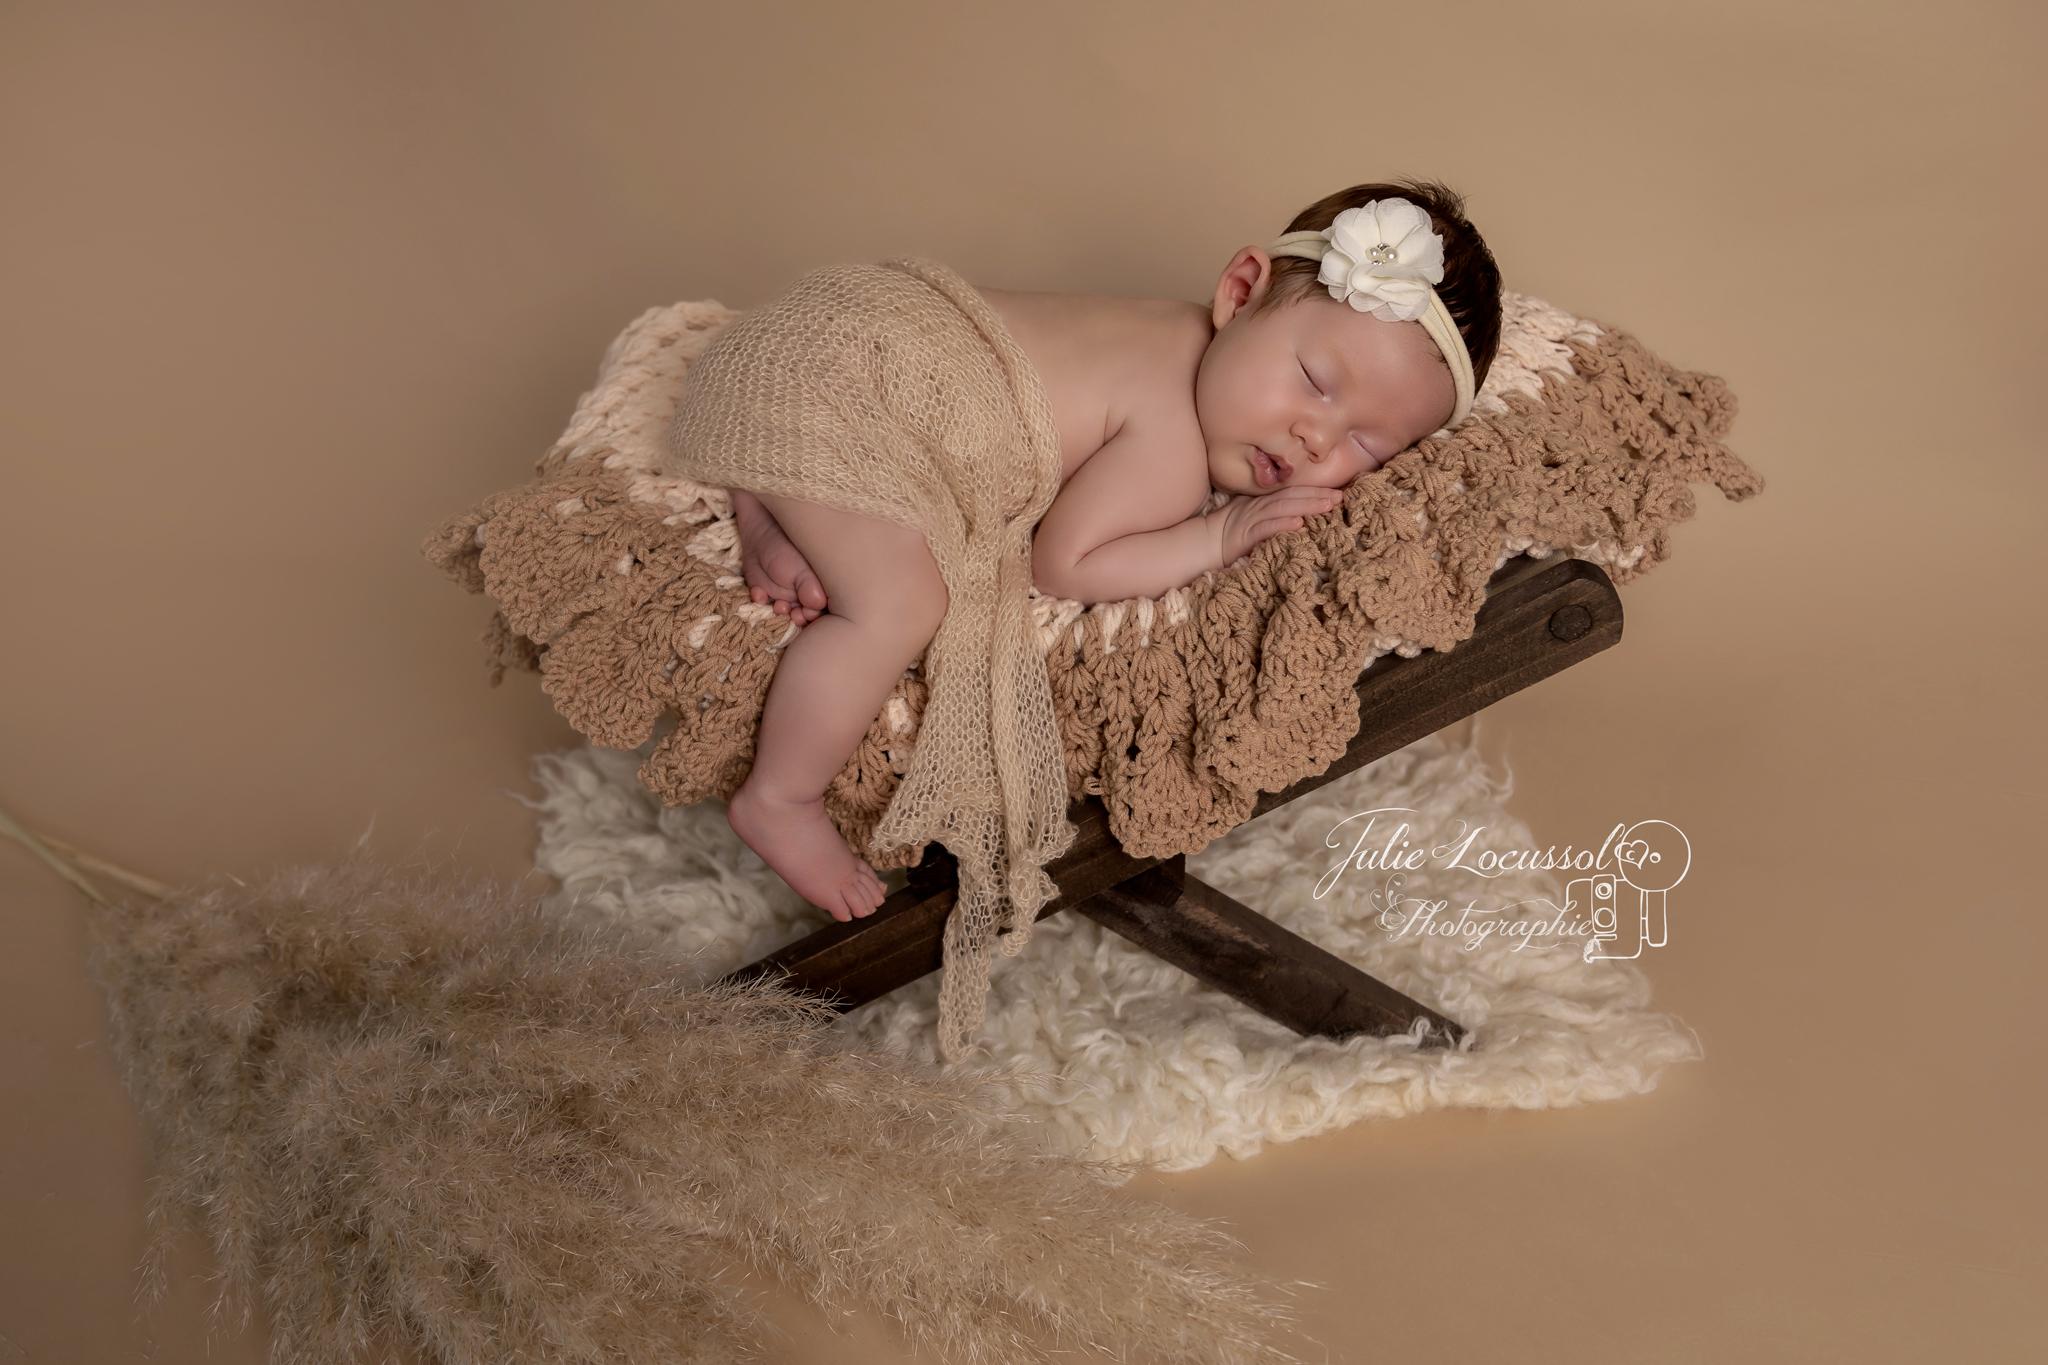 Photographe bébé Magnac sur touvre